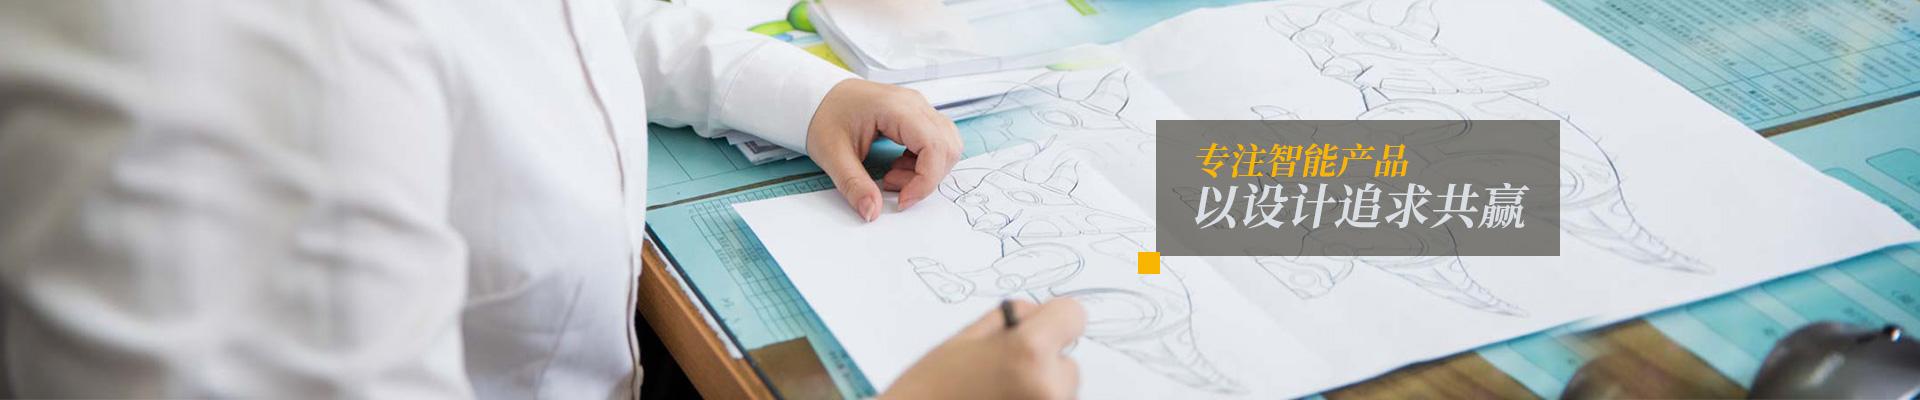 骏意设计-专注智能产品  以设计追求共赢